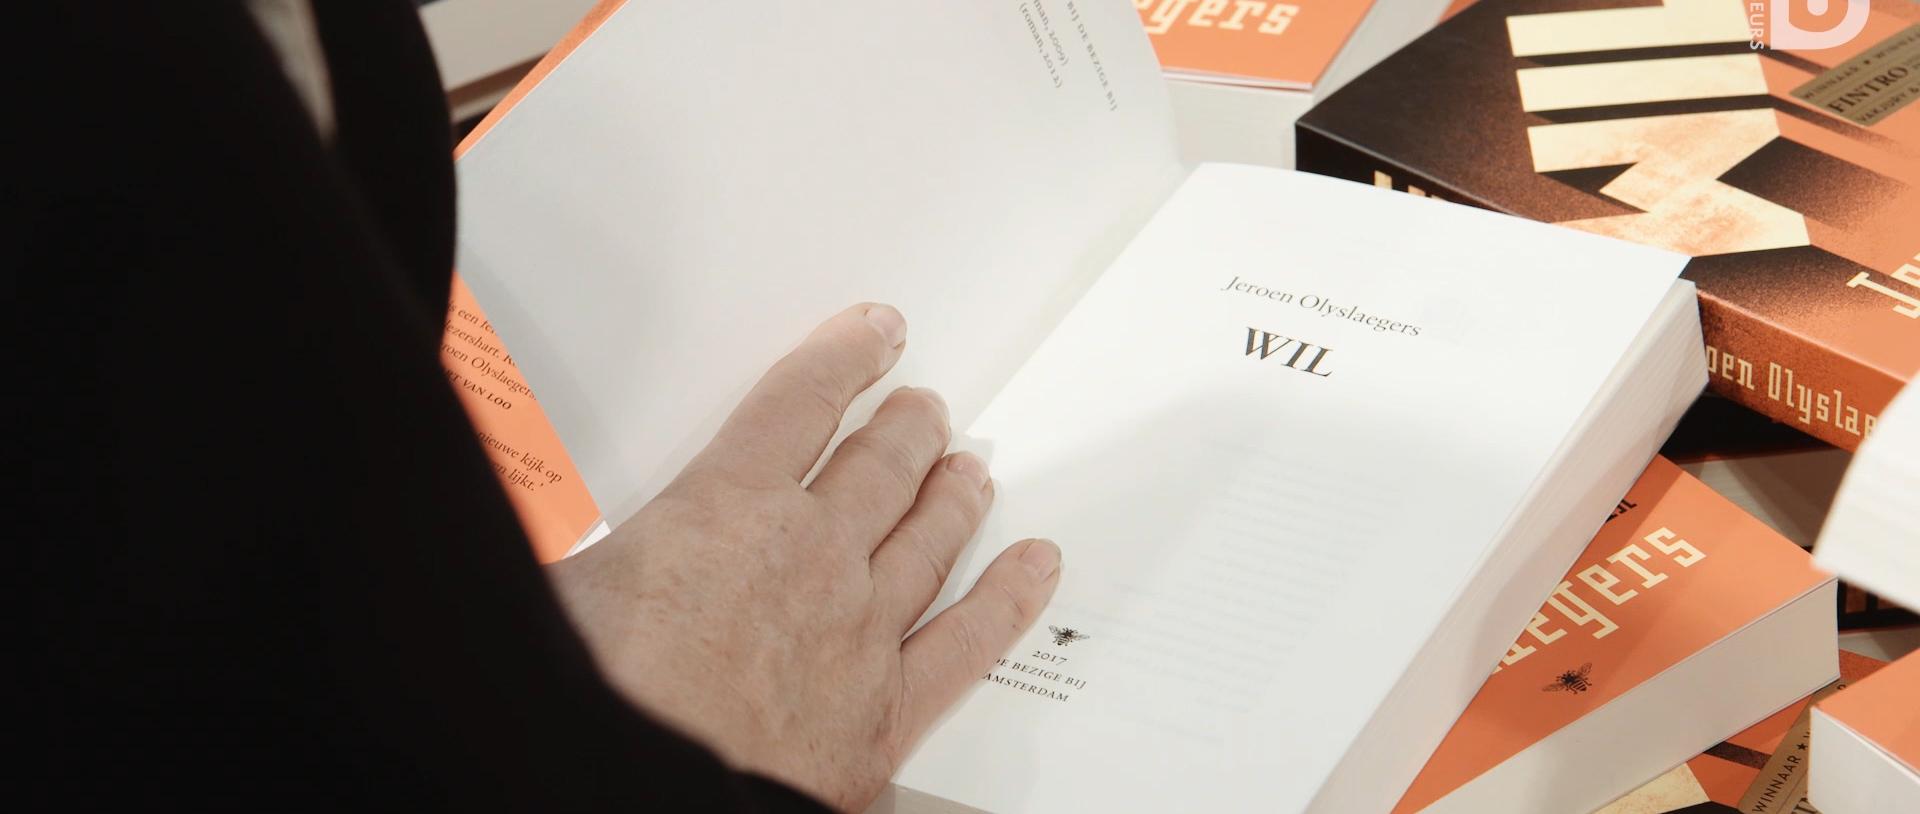 Boekenbeurs 2017 - Book fair reports